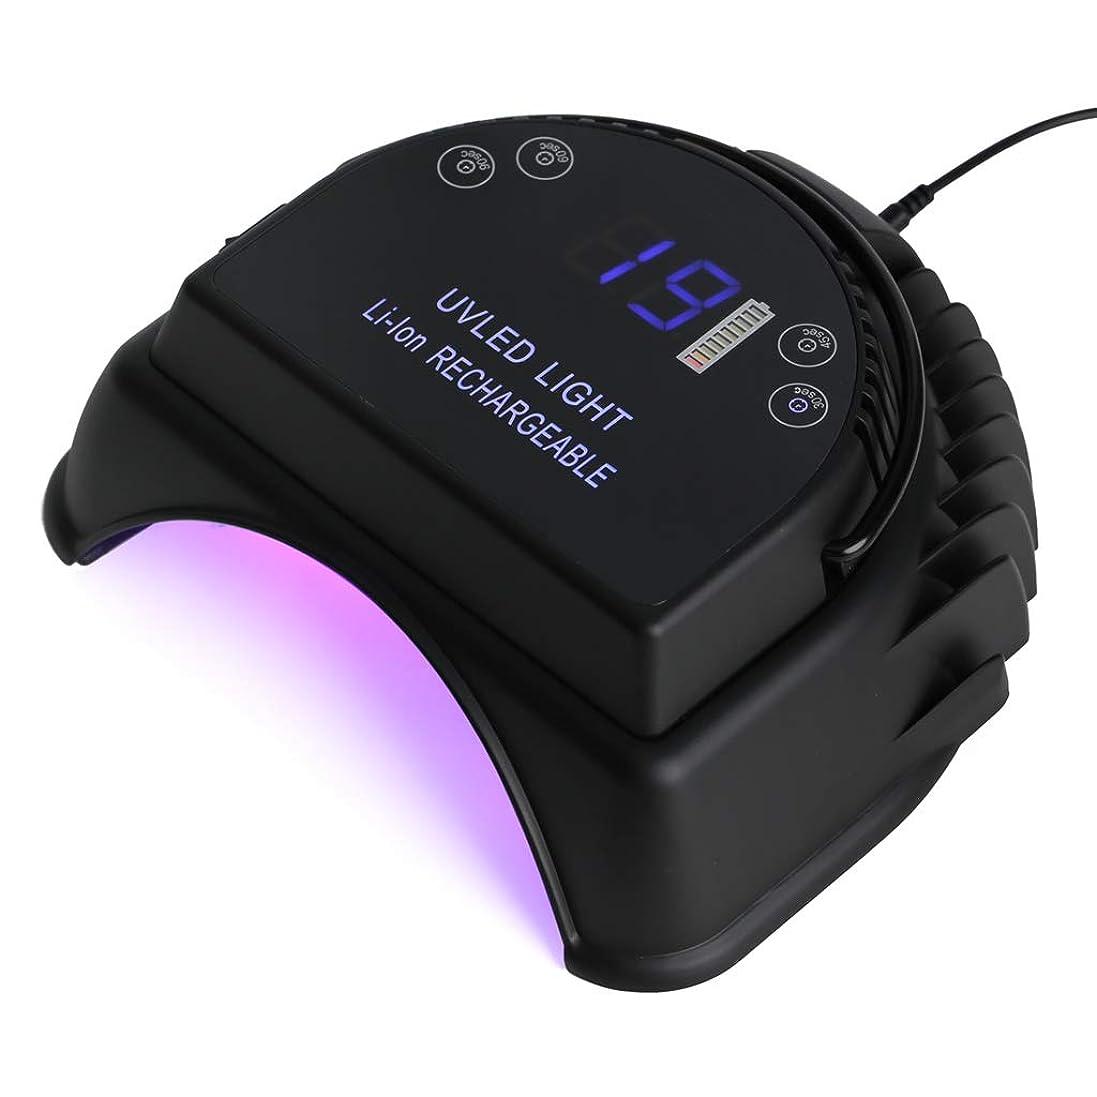 運命的なオレンジ大工爪ドライヤー64W マニキュアランプ、すべての爪の接着剤に適したスマートセンサー、光線療法ジェル、エクステンション接着剤